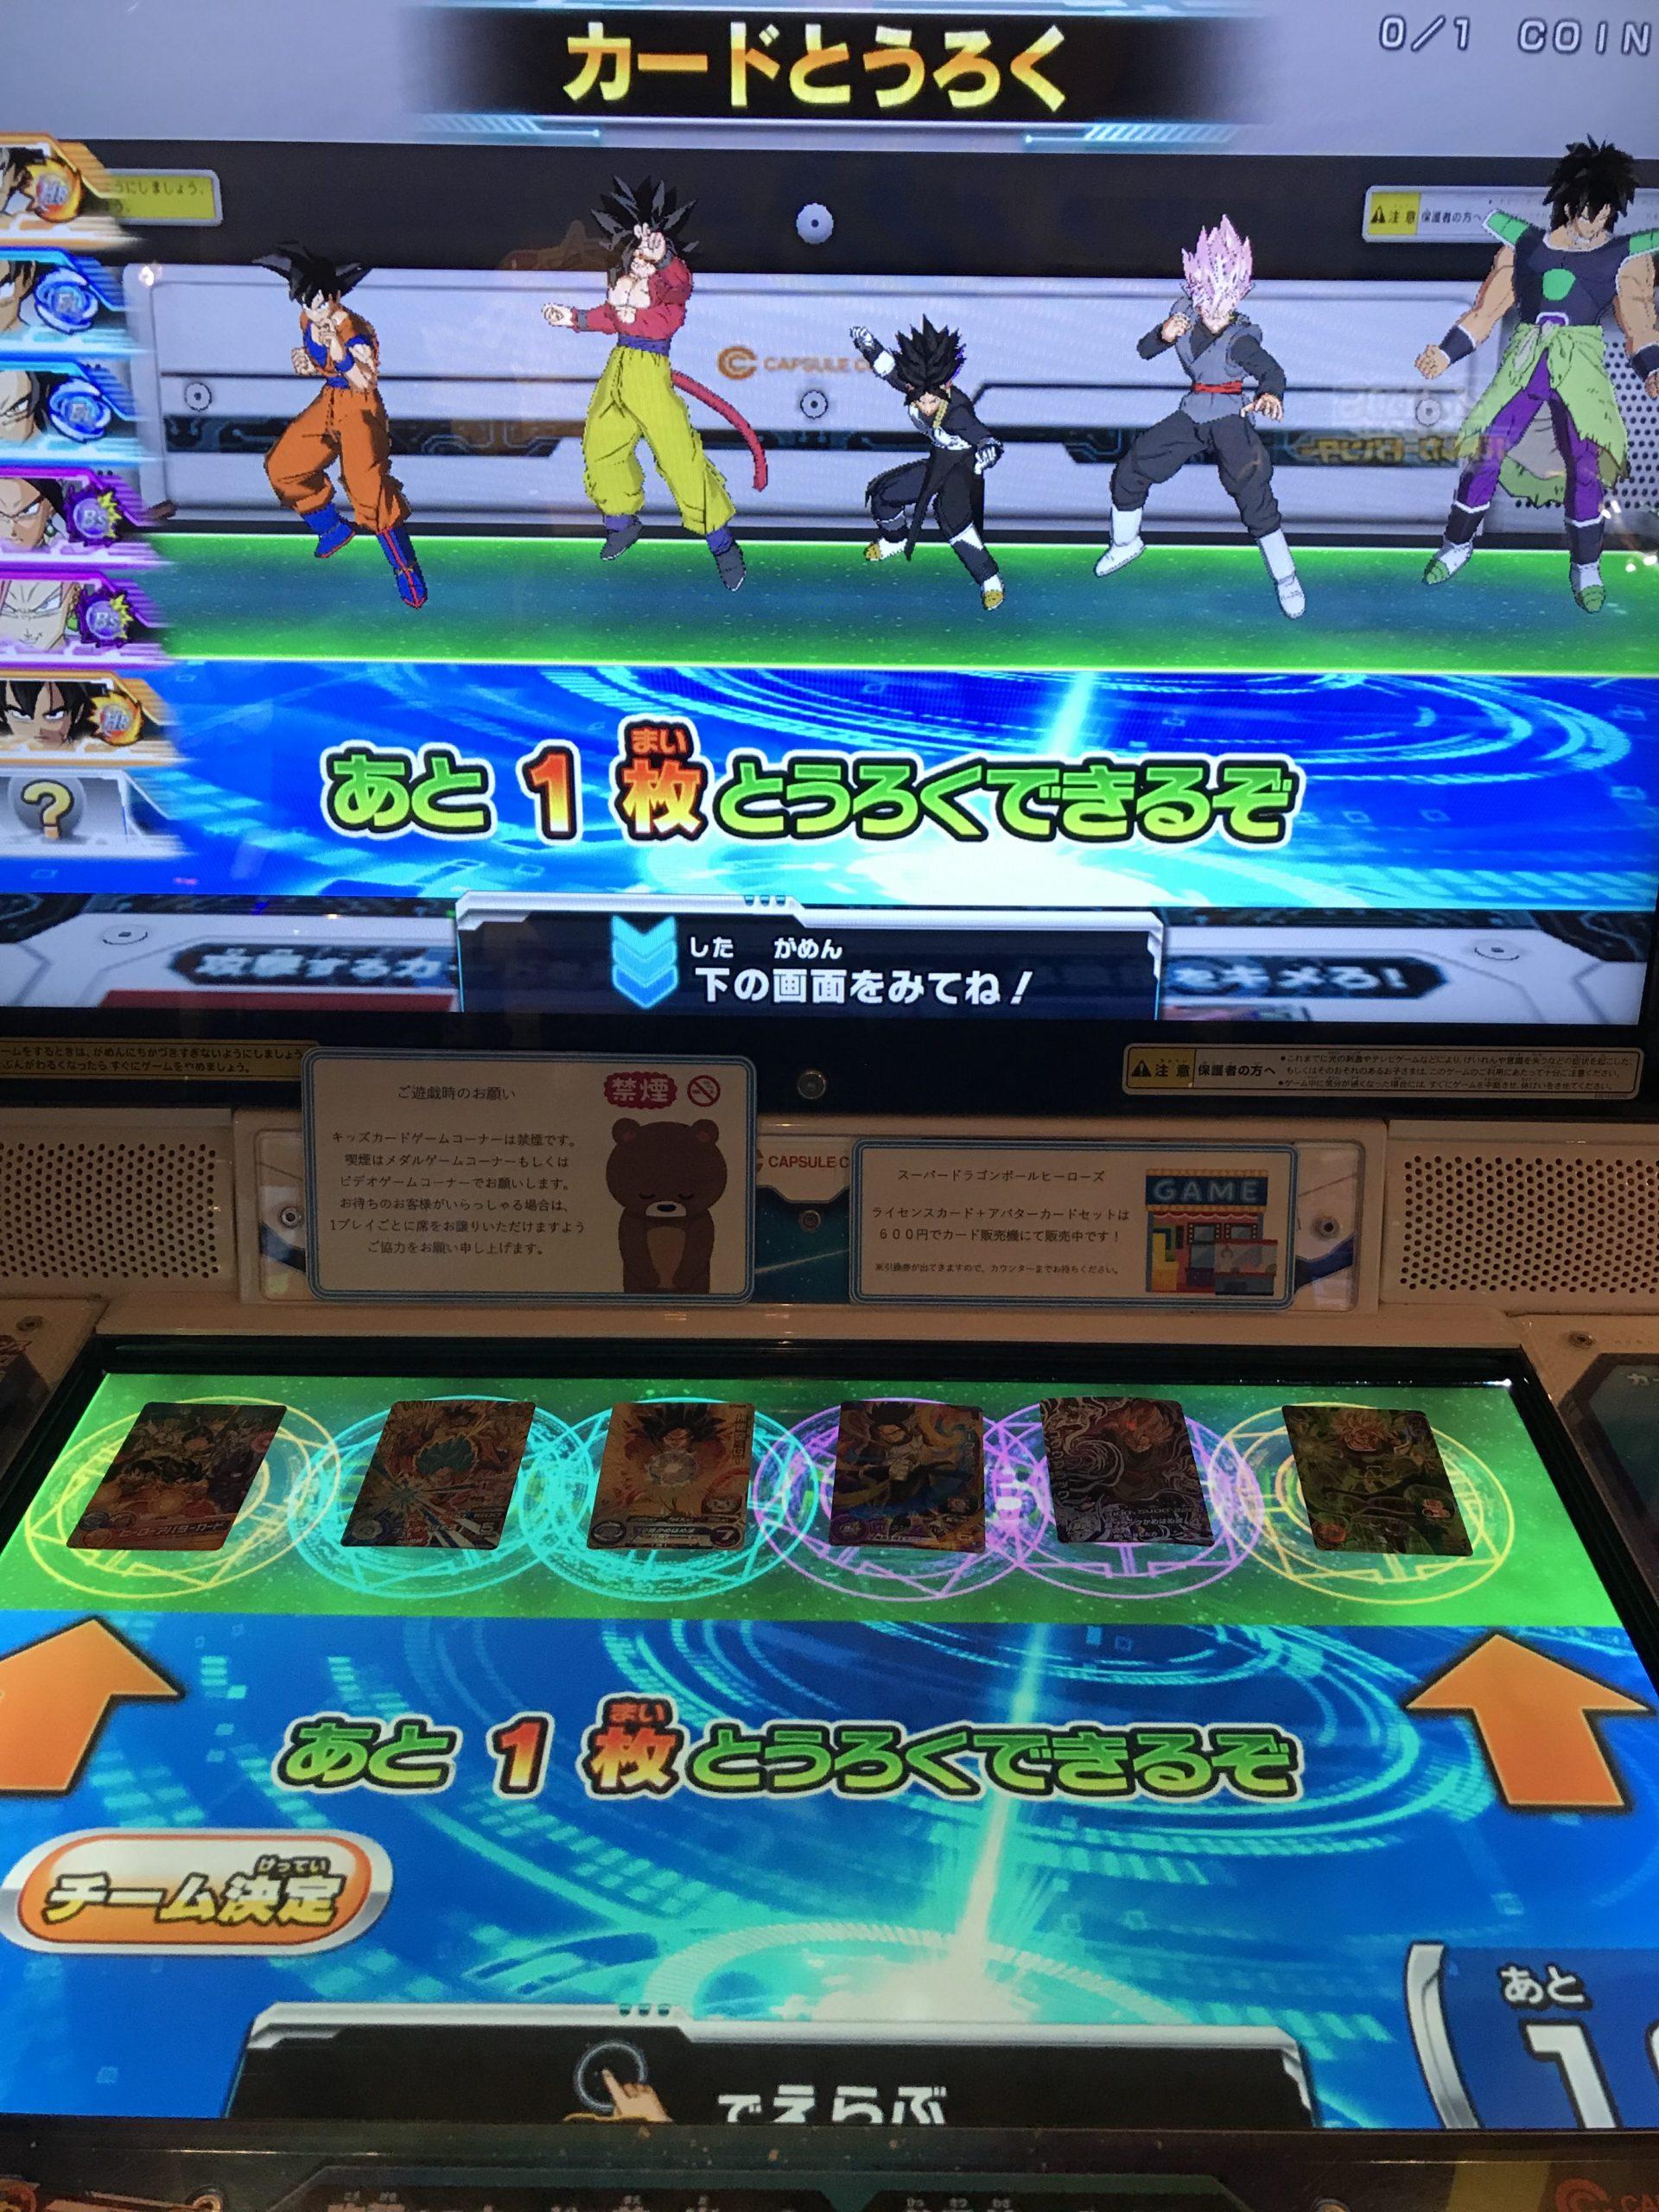 Super Dragon Ball Heroes: Élménybeszámoló egy rajongótól, aki Japánban élt 22